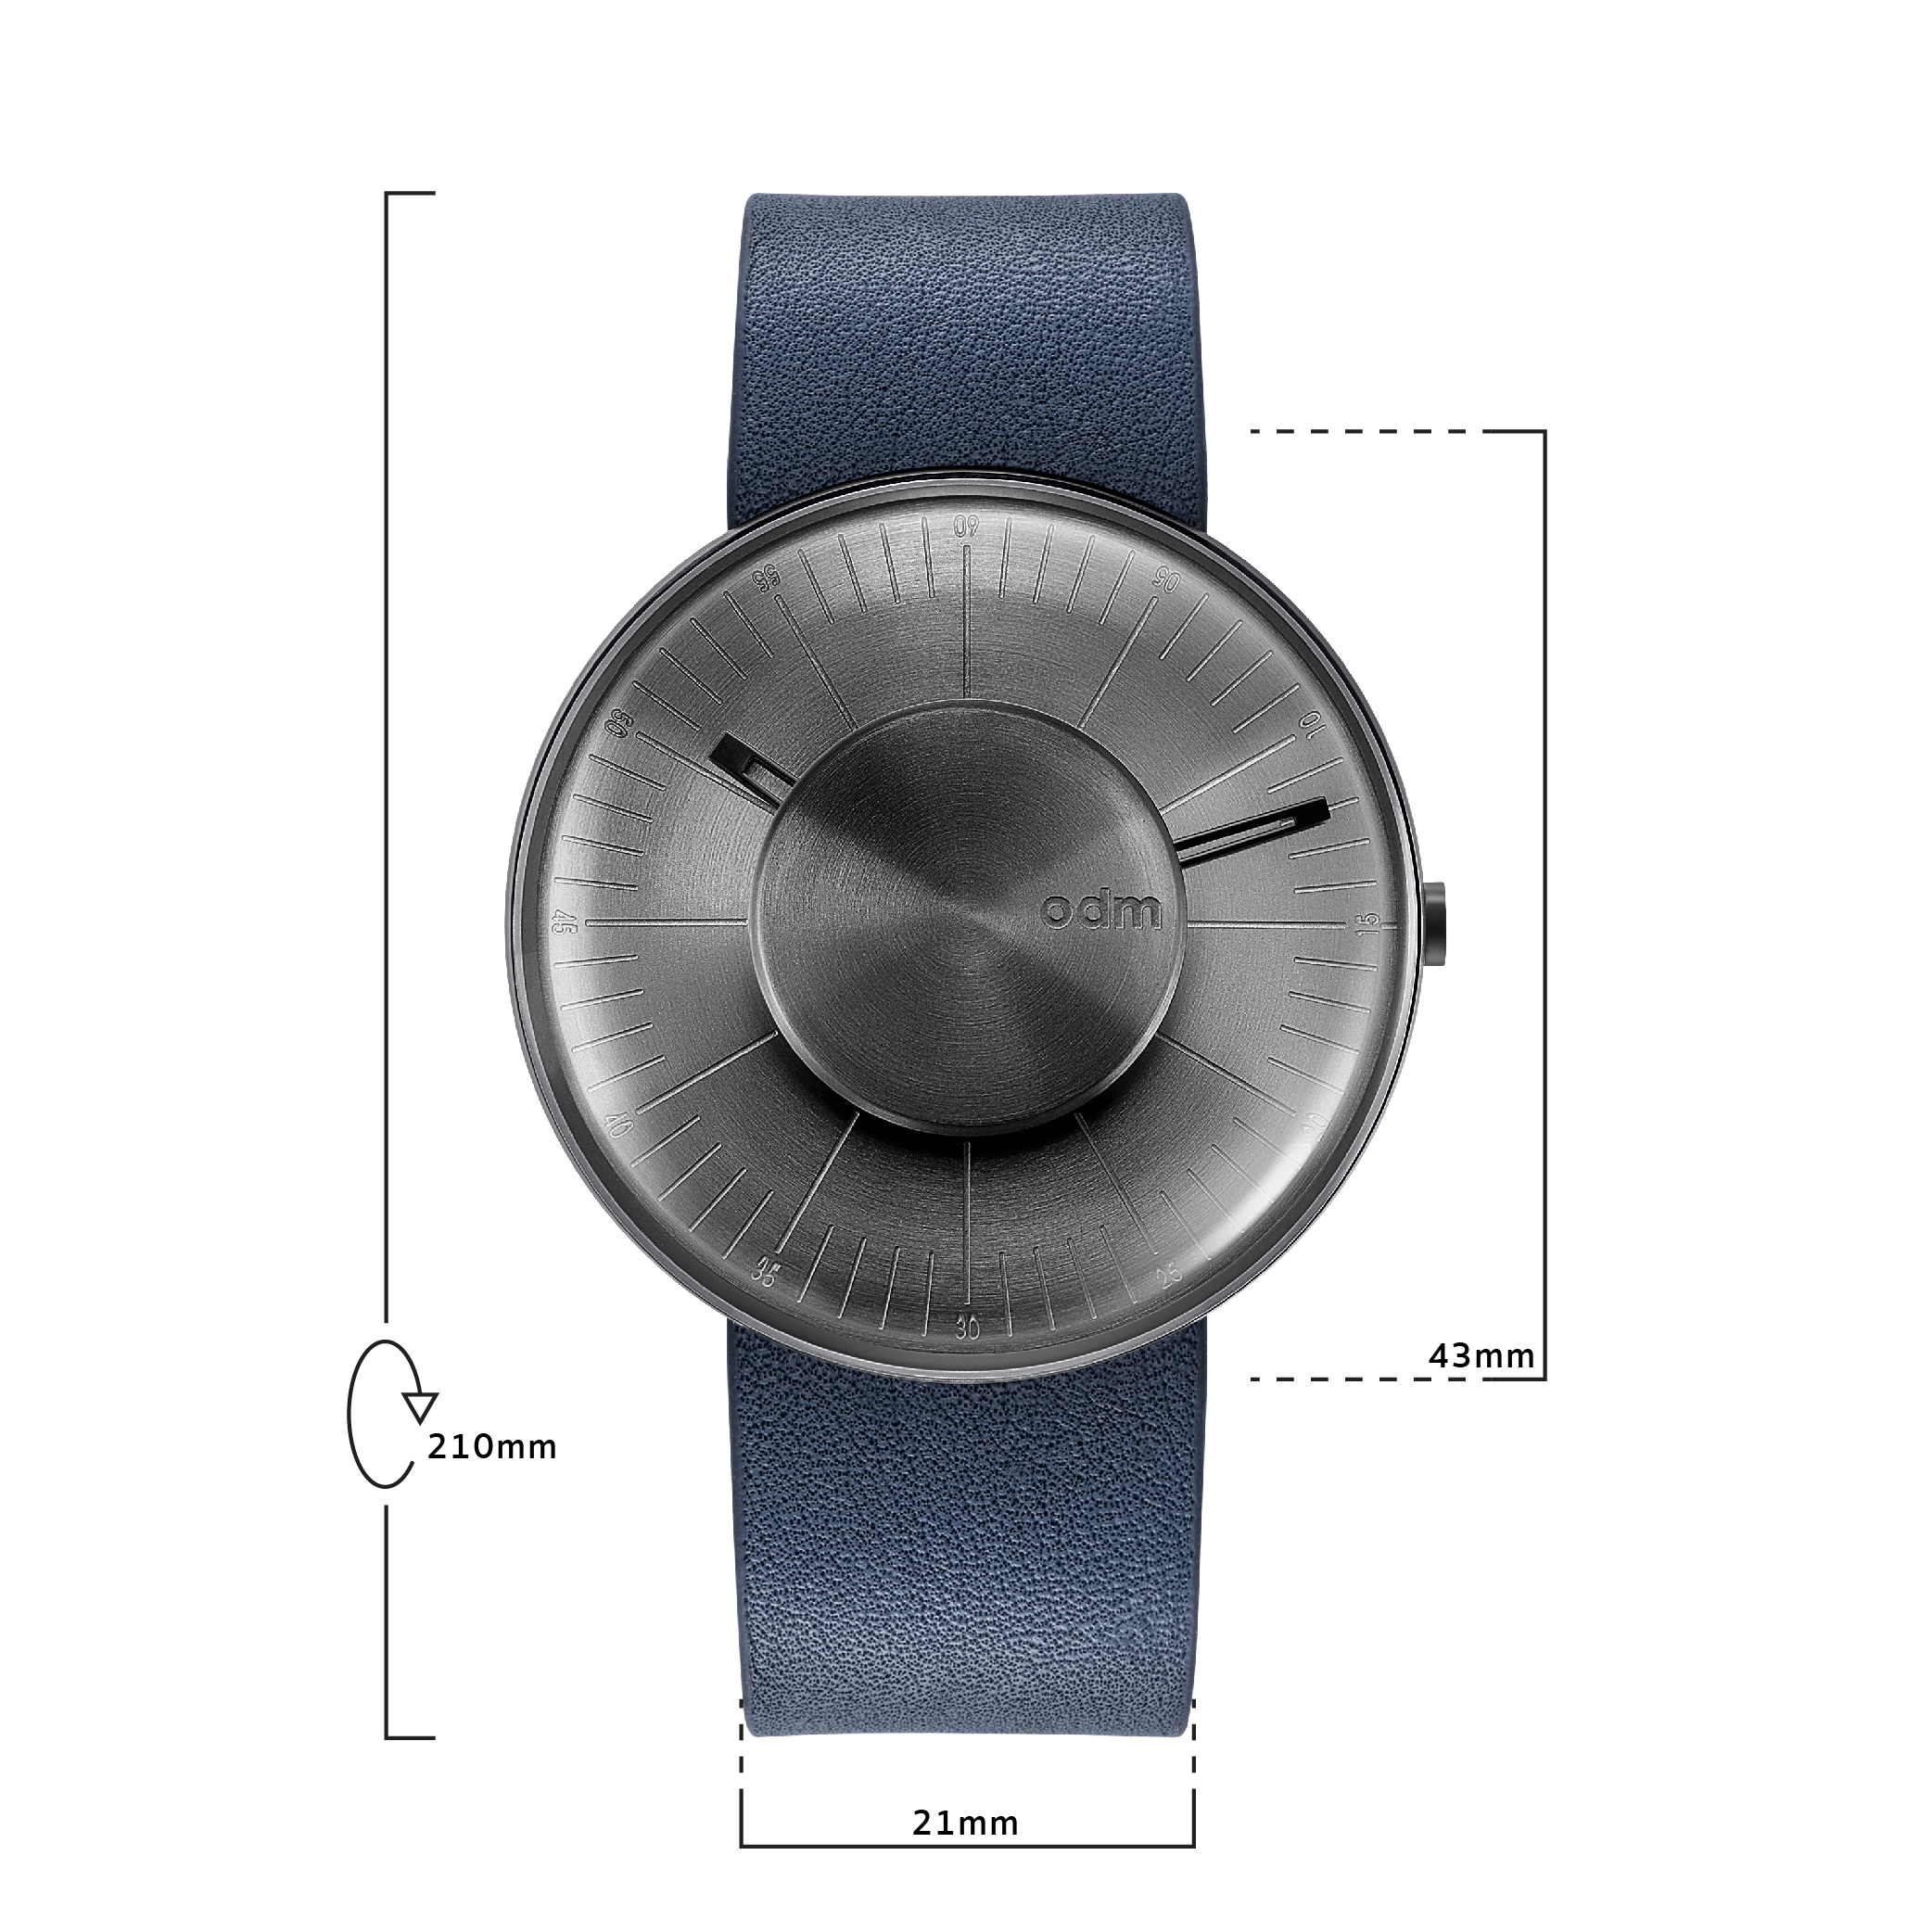 นาฬิกาข้อมือ ODM DD172-04